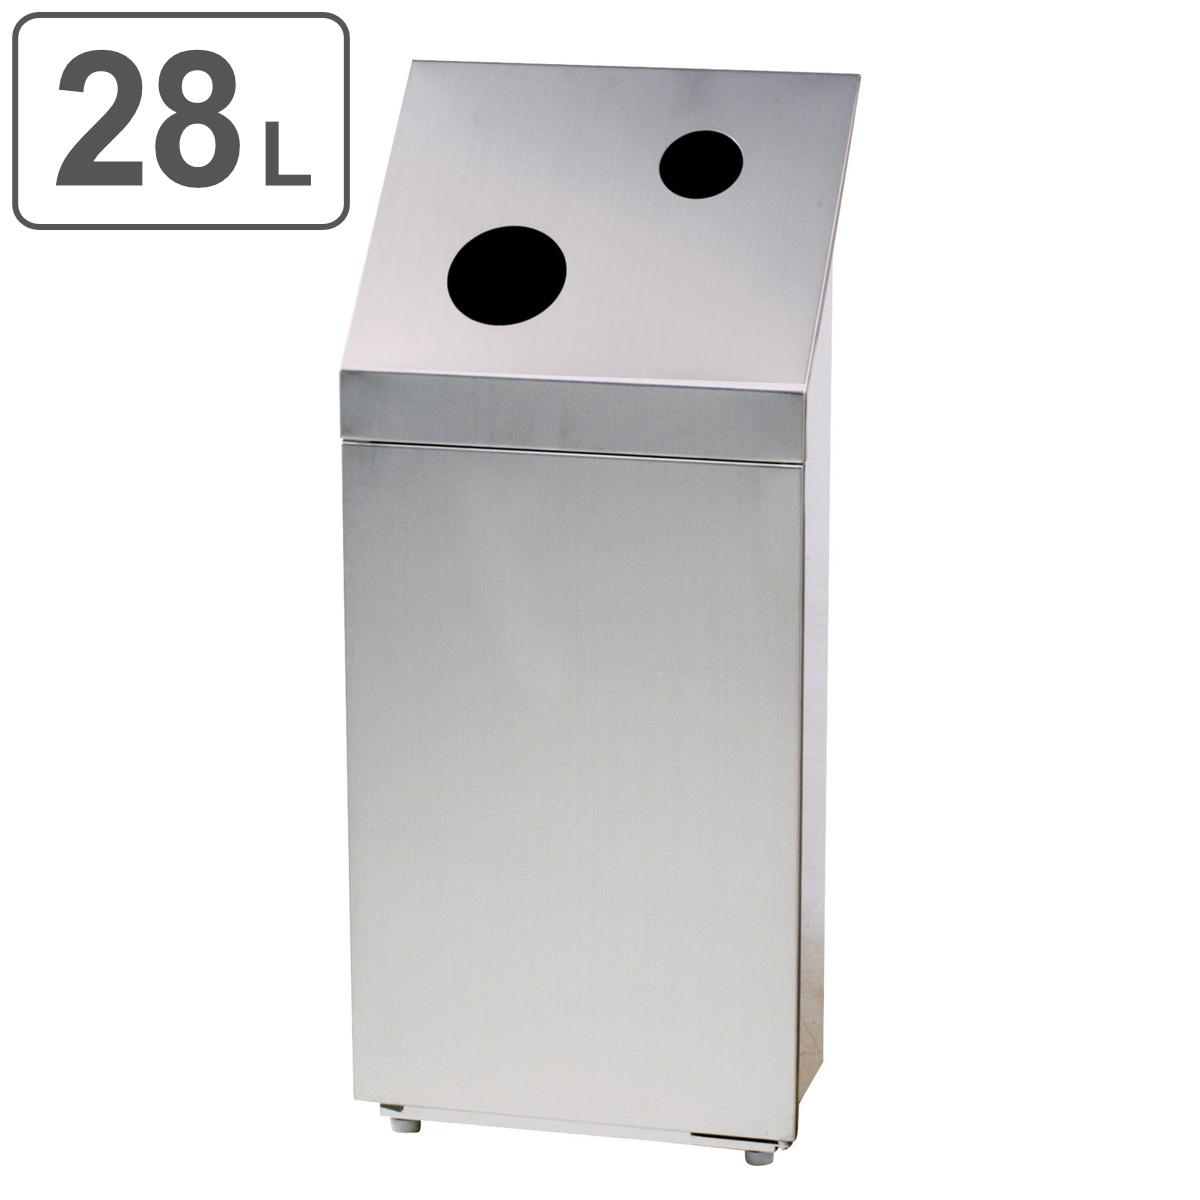 ゴミ箱 ダストボックス分別 NK-2439 ビン・カン用 送料無料